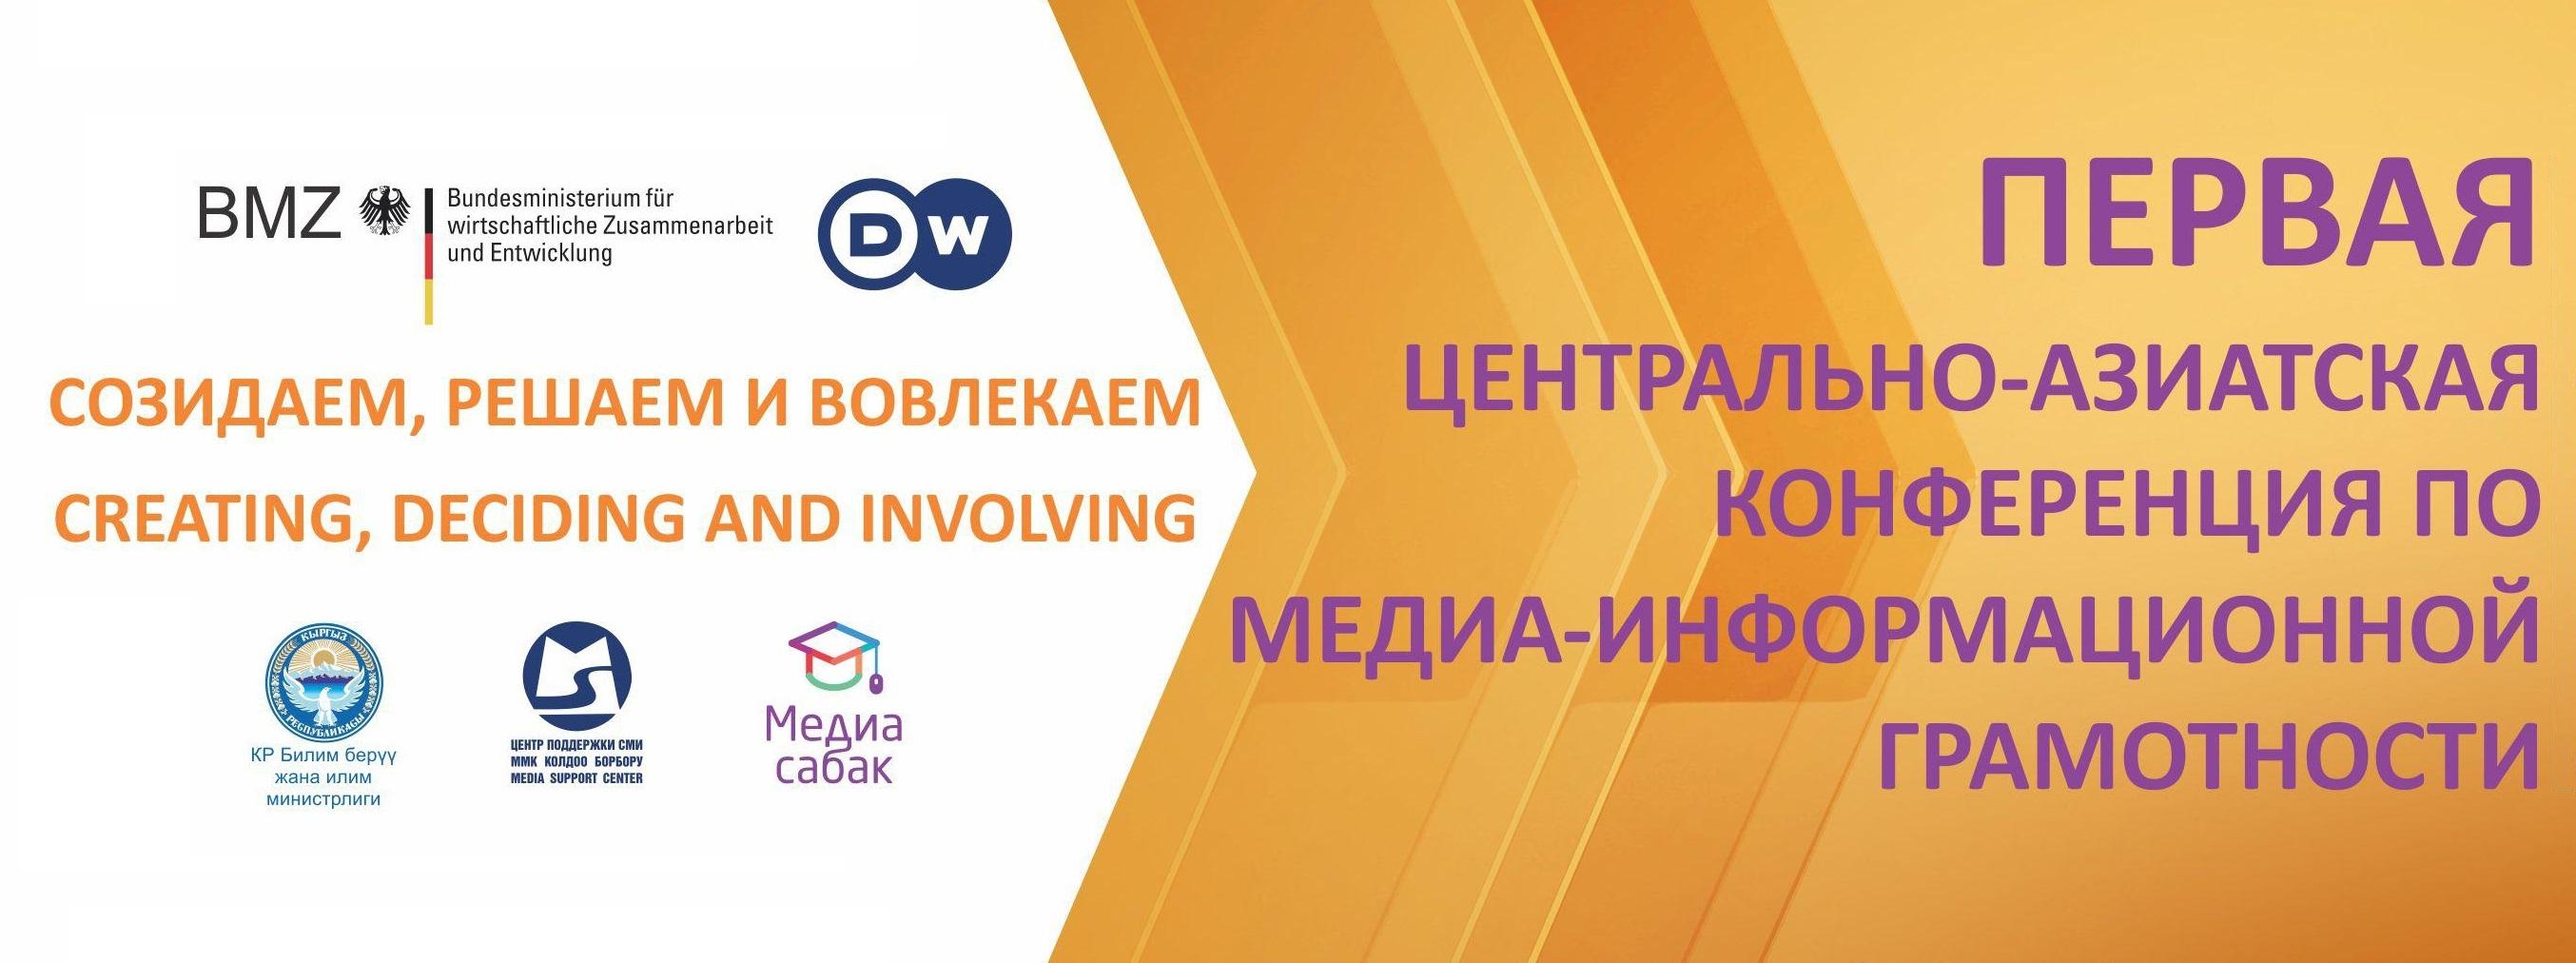 Конференция по медиа-грамотности в Бишкеке: есть только МИГ между правдой и фейком?